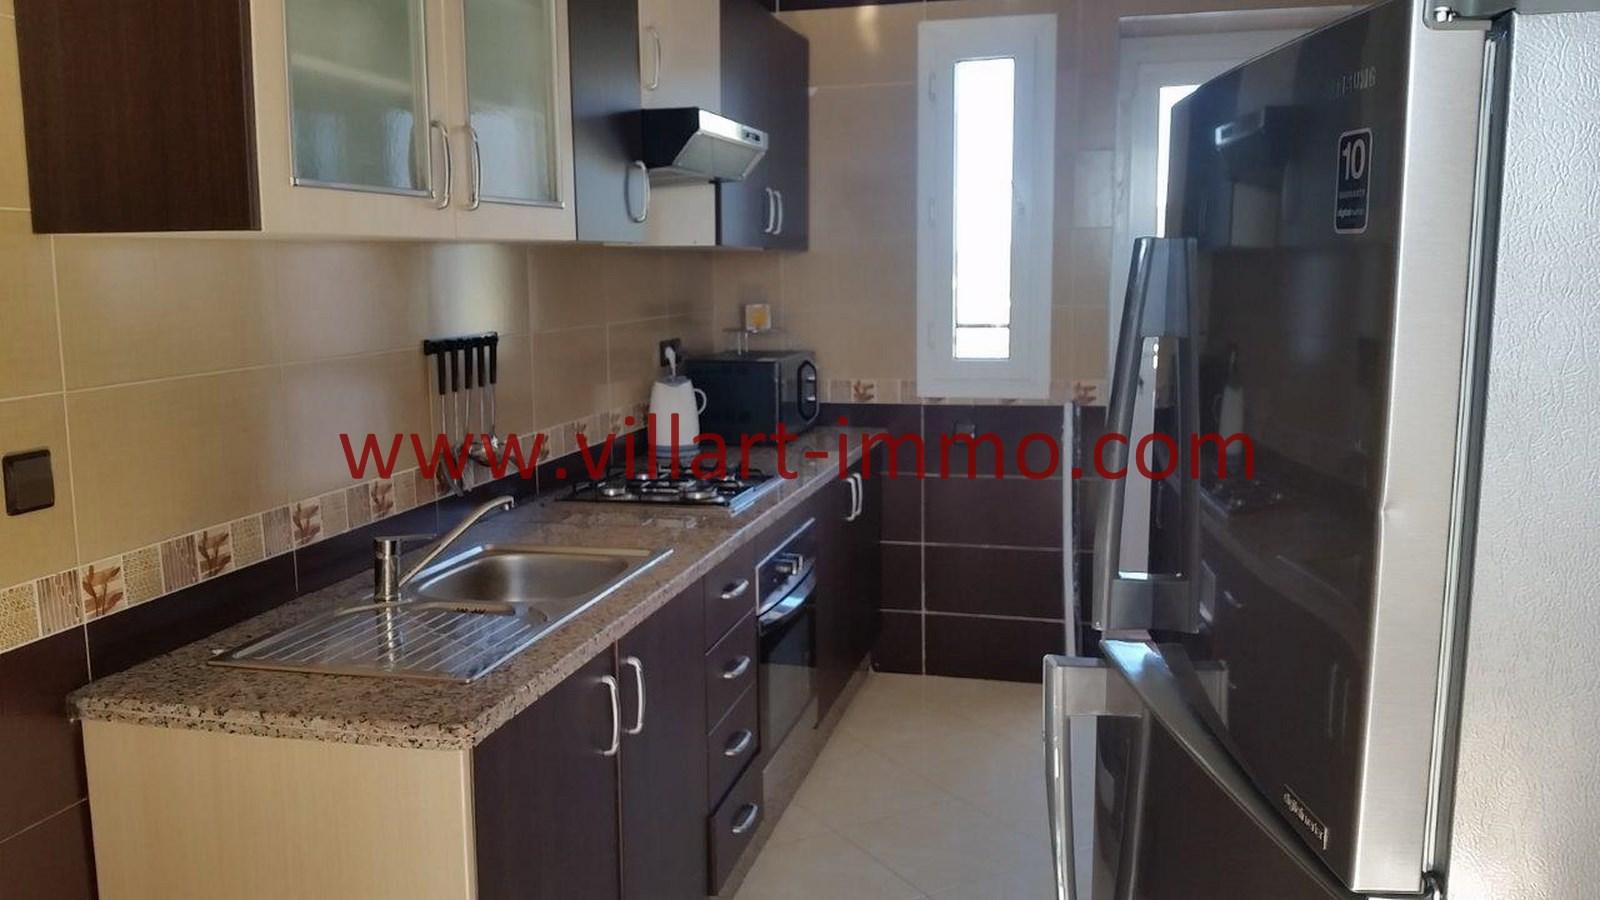 9-Location-Appartement-Meublé-Achakar-Tanger-Cuisine-L831-Villart immo